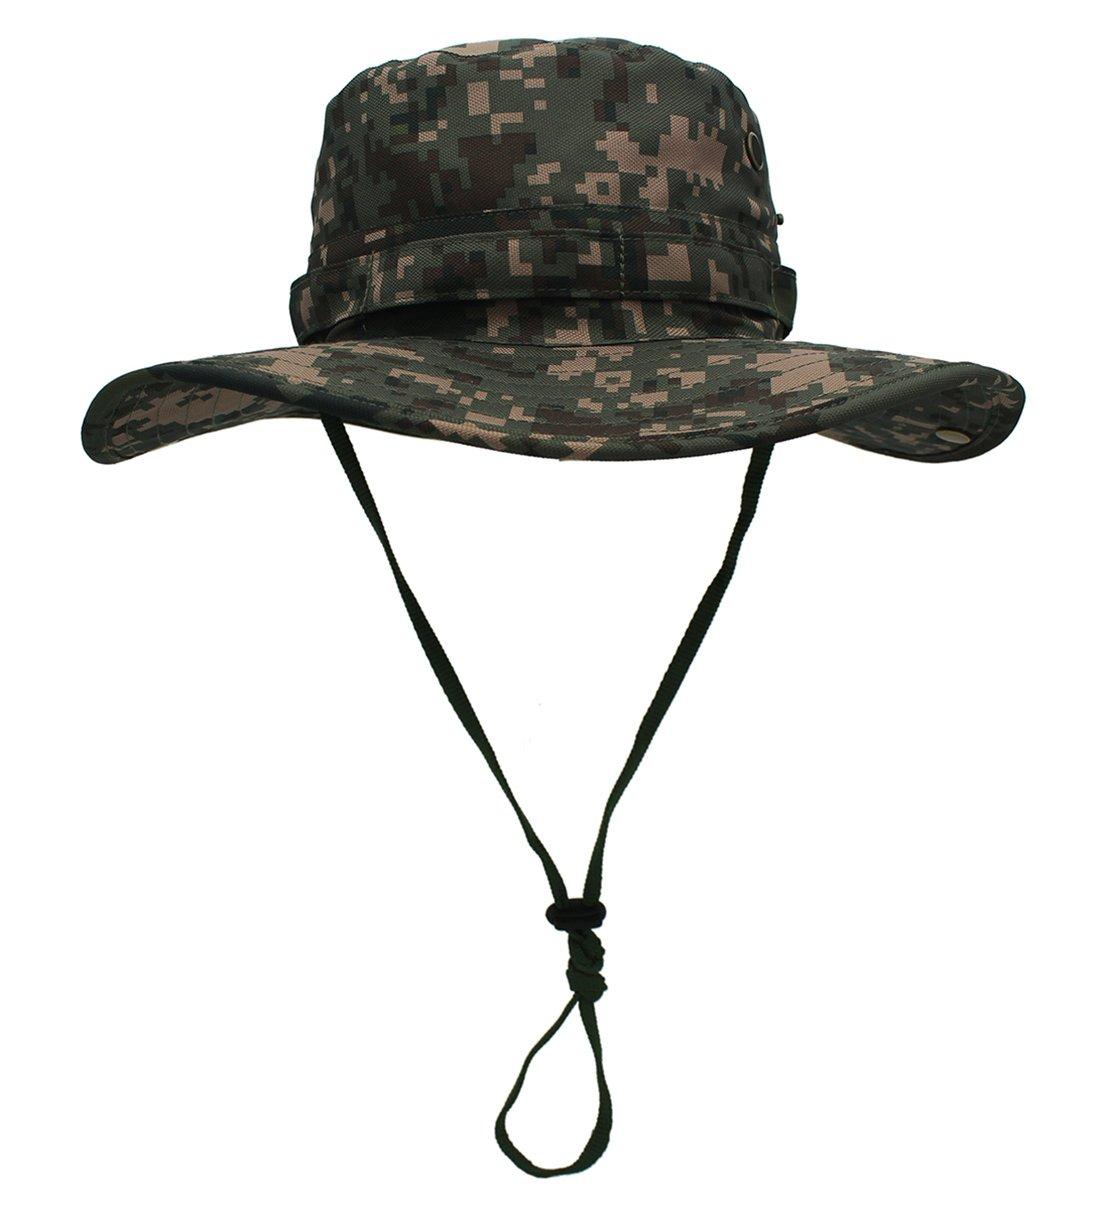 Outfly - Unisex Cappello della Benna Pieghevole Anti Sole Impermeabile Outdoor Bordo Ampio Sport Casual Cappello di Pescatore Cappello da Cowboy Hat Cappello Sole - Camouflage - 58-61cm - Verde